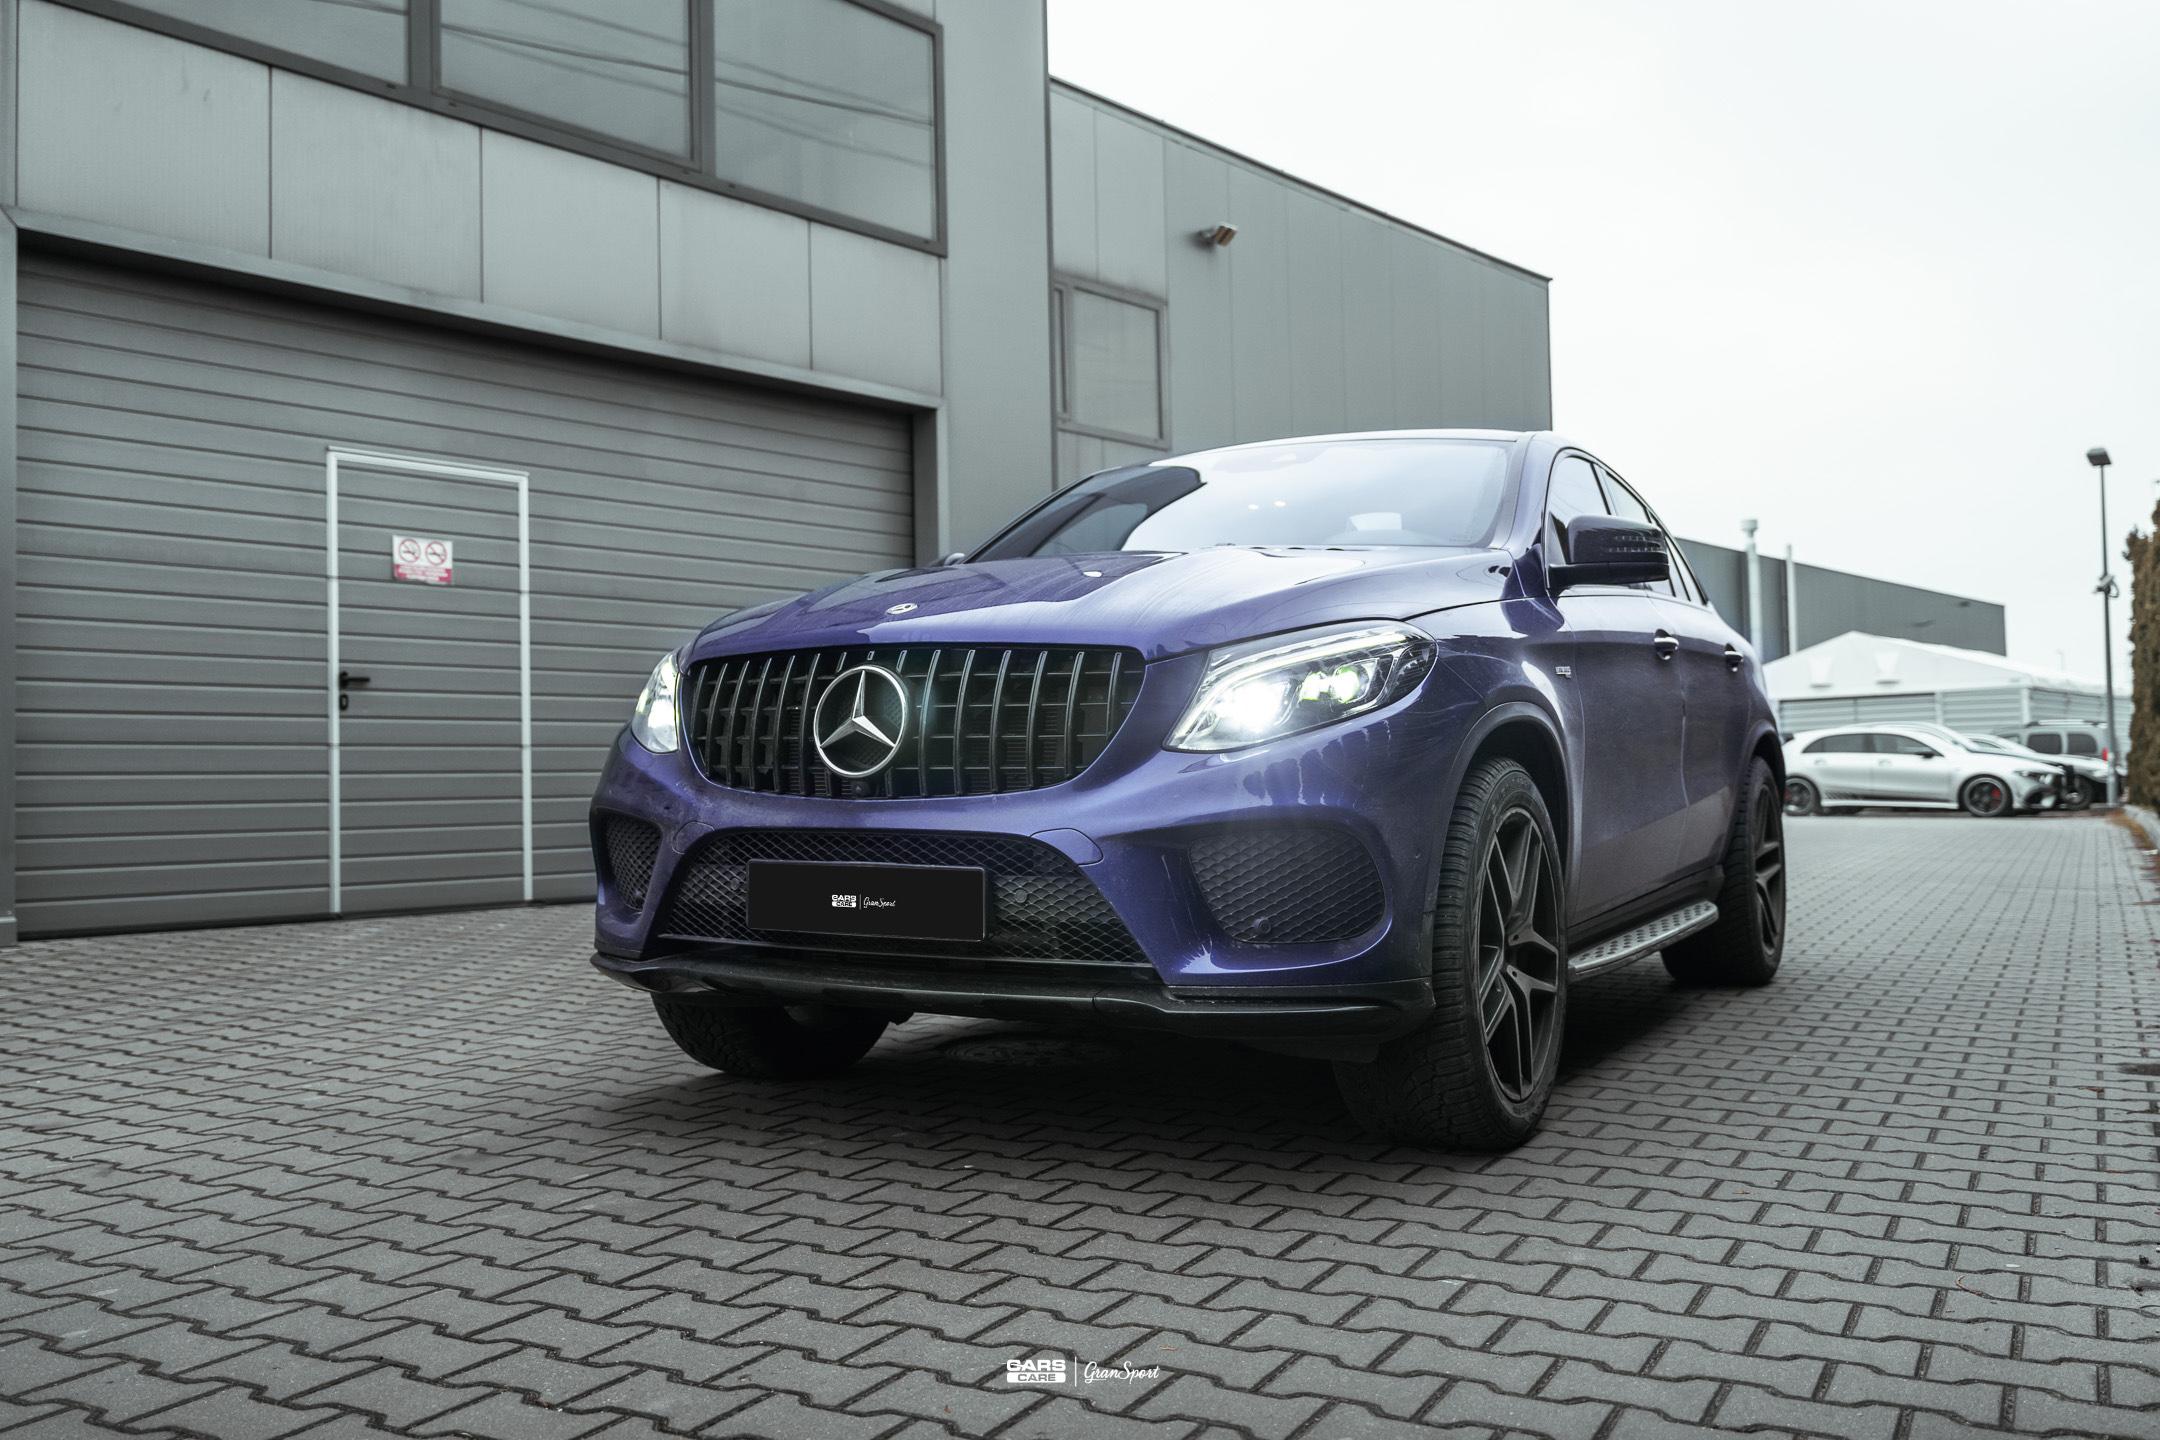 Mercedes GLE Coupe Brabus Capristo